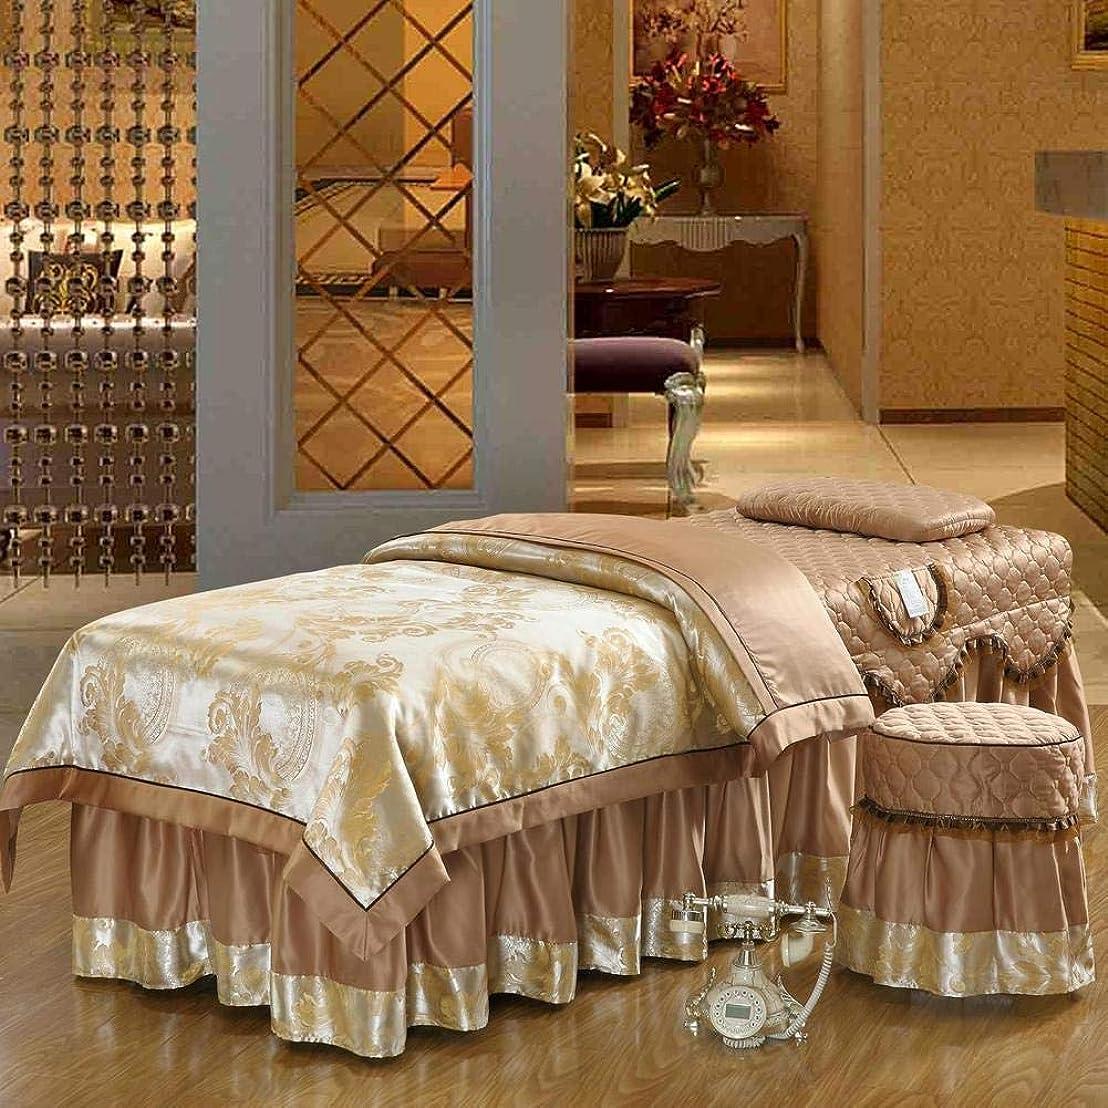 インカ帝国司書兄美容ベッド カバー,な 欧州 4 つのスタイルのセット 洗浄 綿 無地 美容 防汚 マッサージ テーブル シート セット-C 190x80cm(75x31inch)